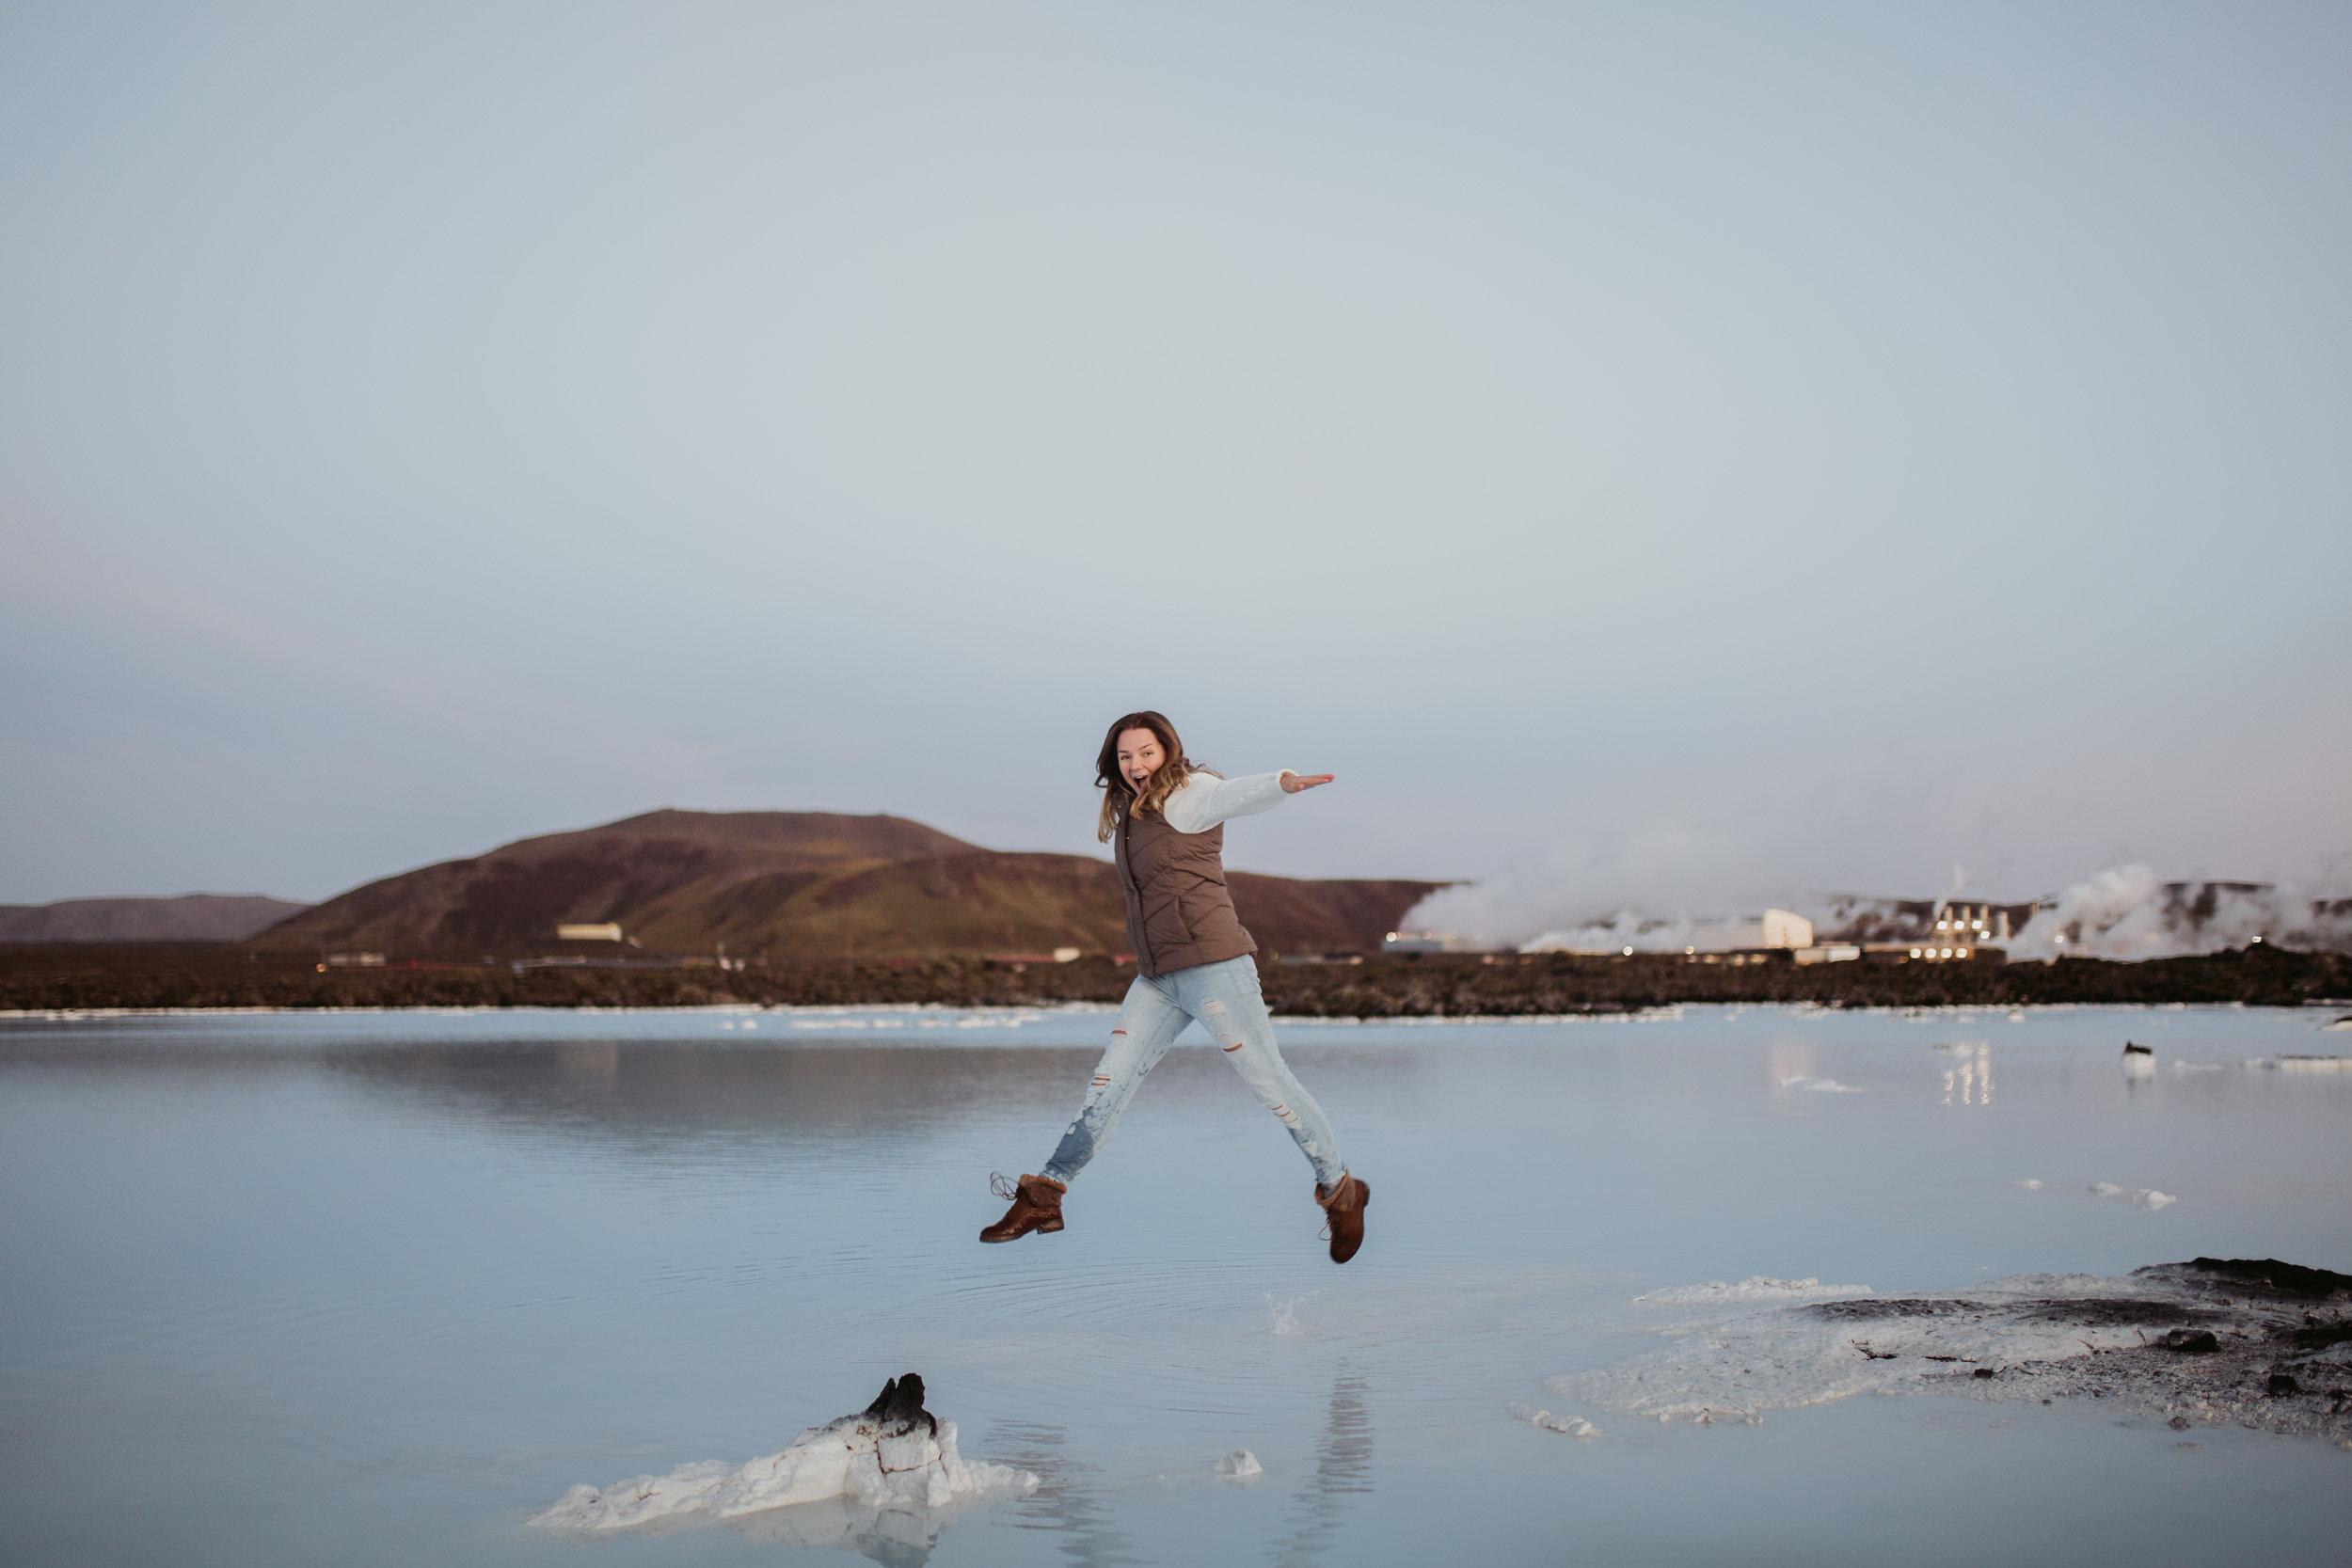 iceland-travel-tips-blog35.jpg